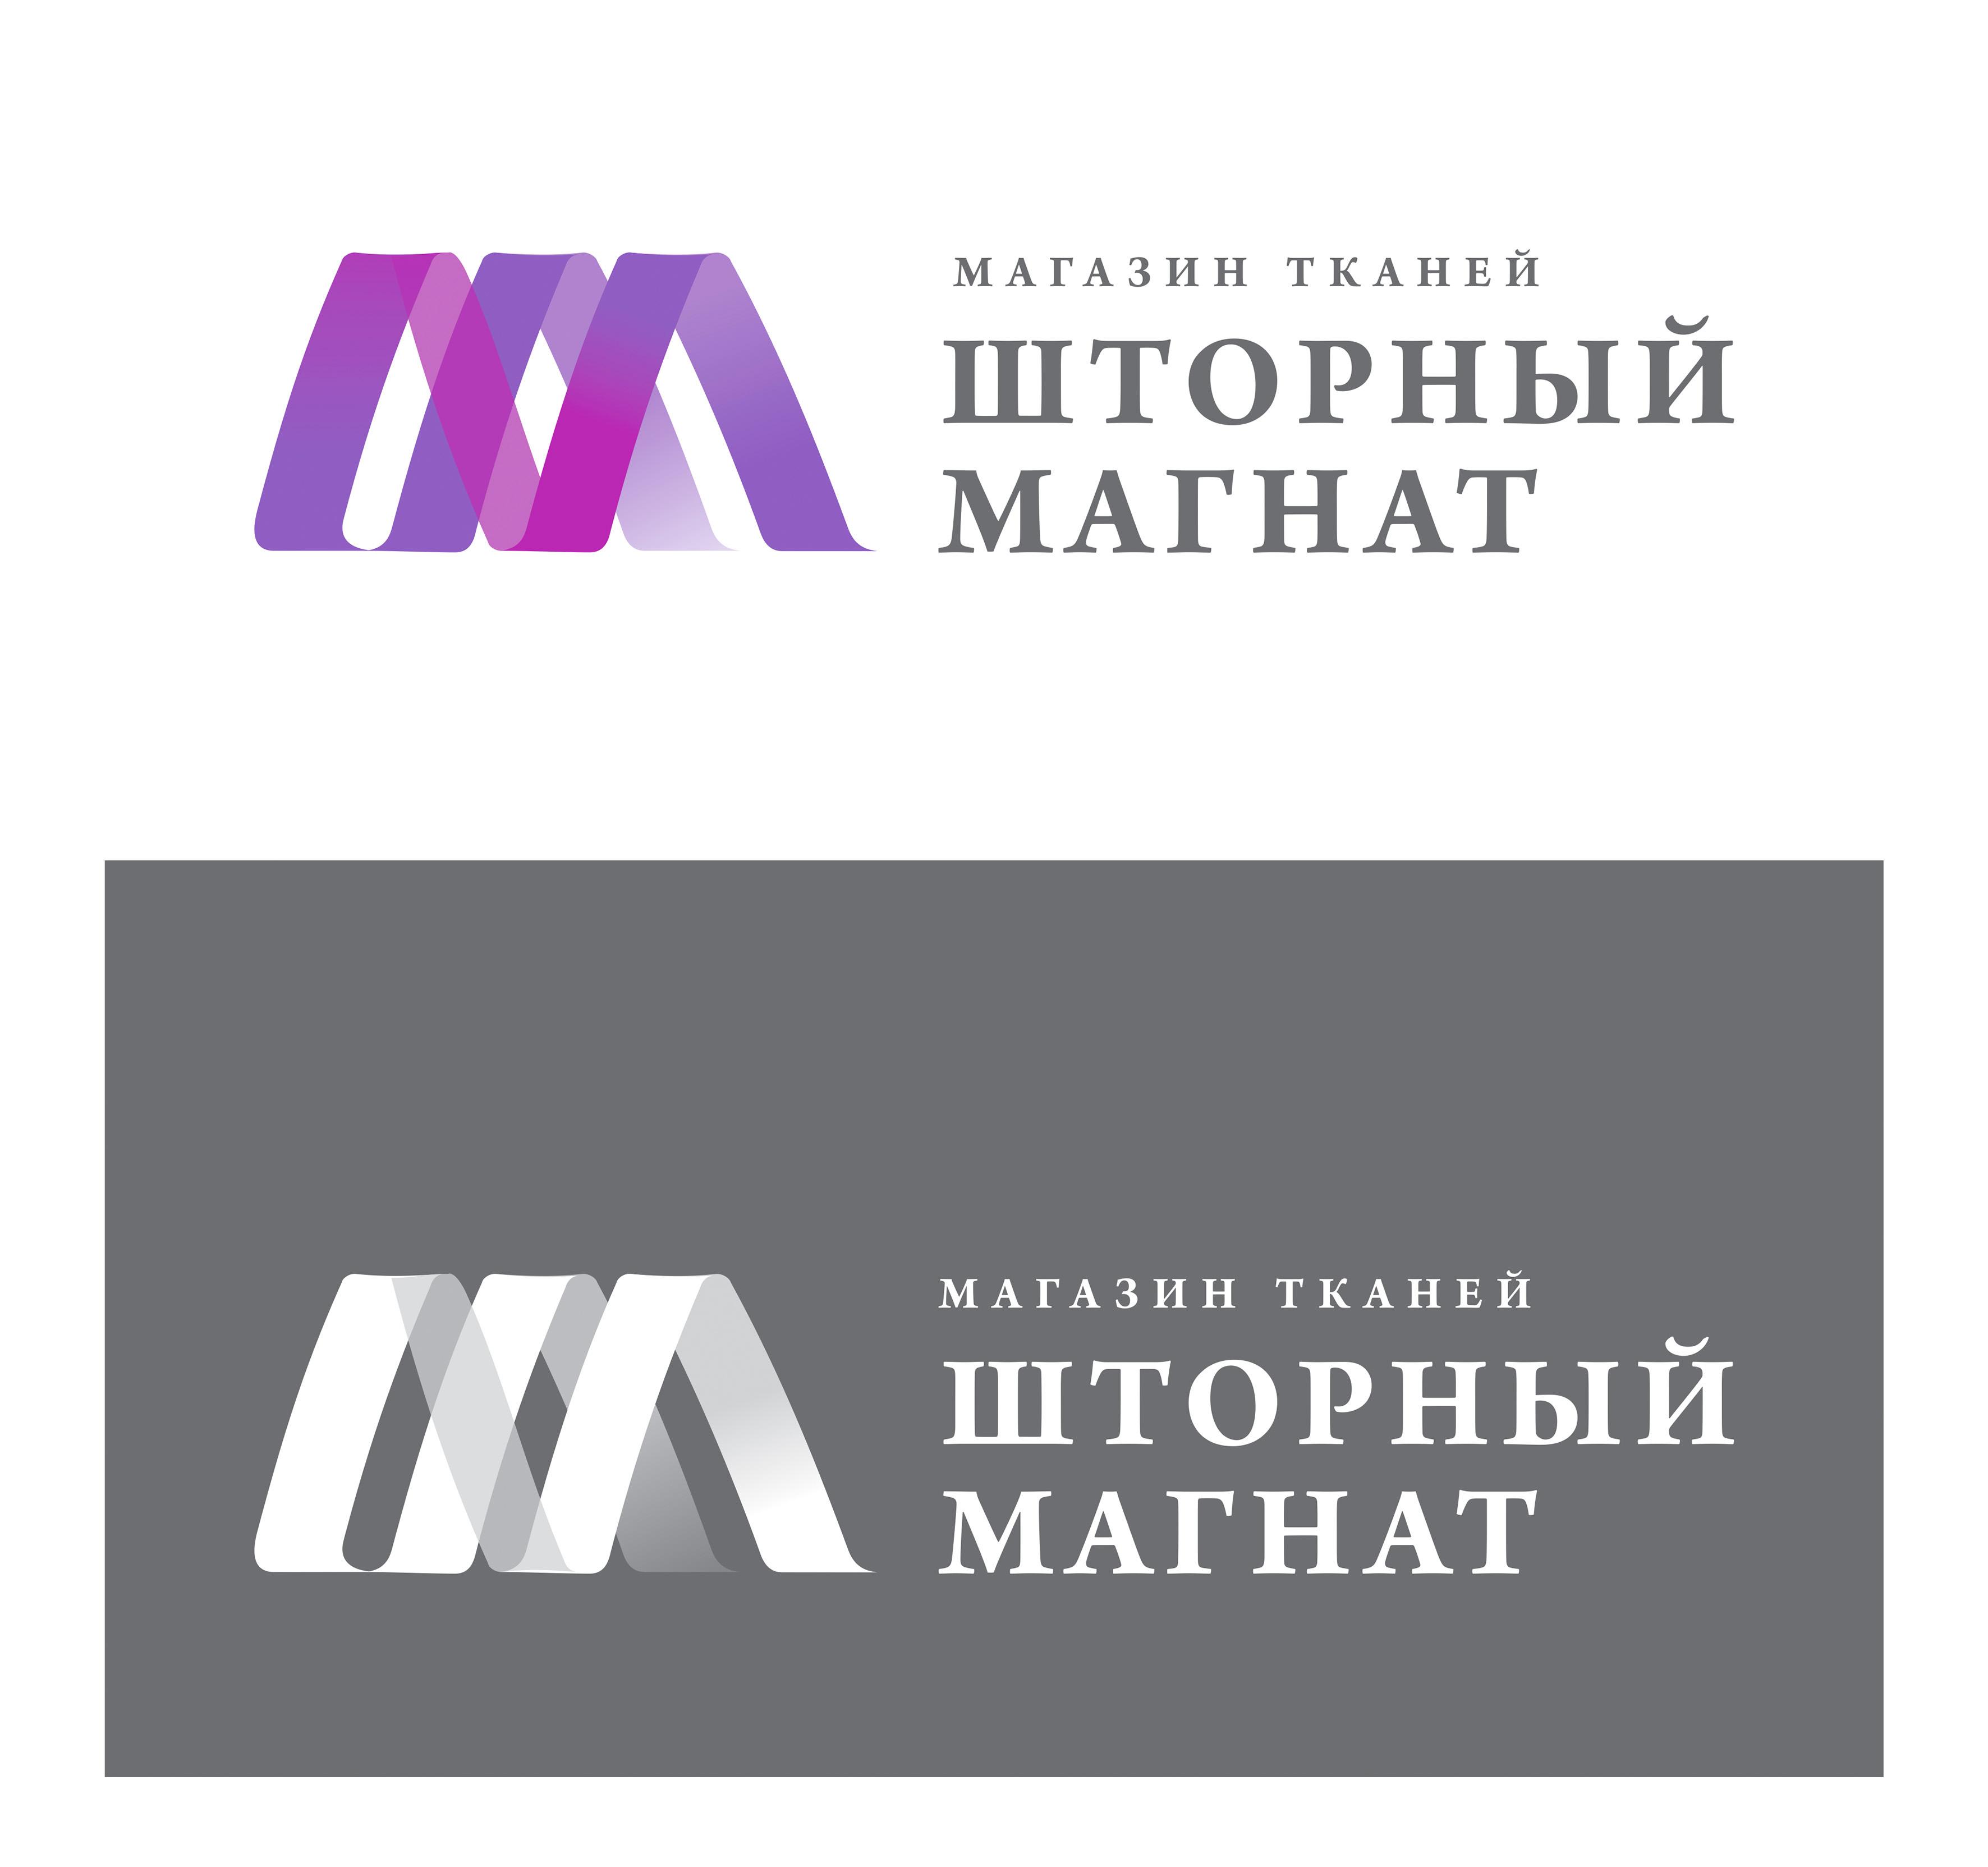 Логотип и фирменный стиль для магазина тканей. фото f_8175cd865bca5c26.jpg